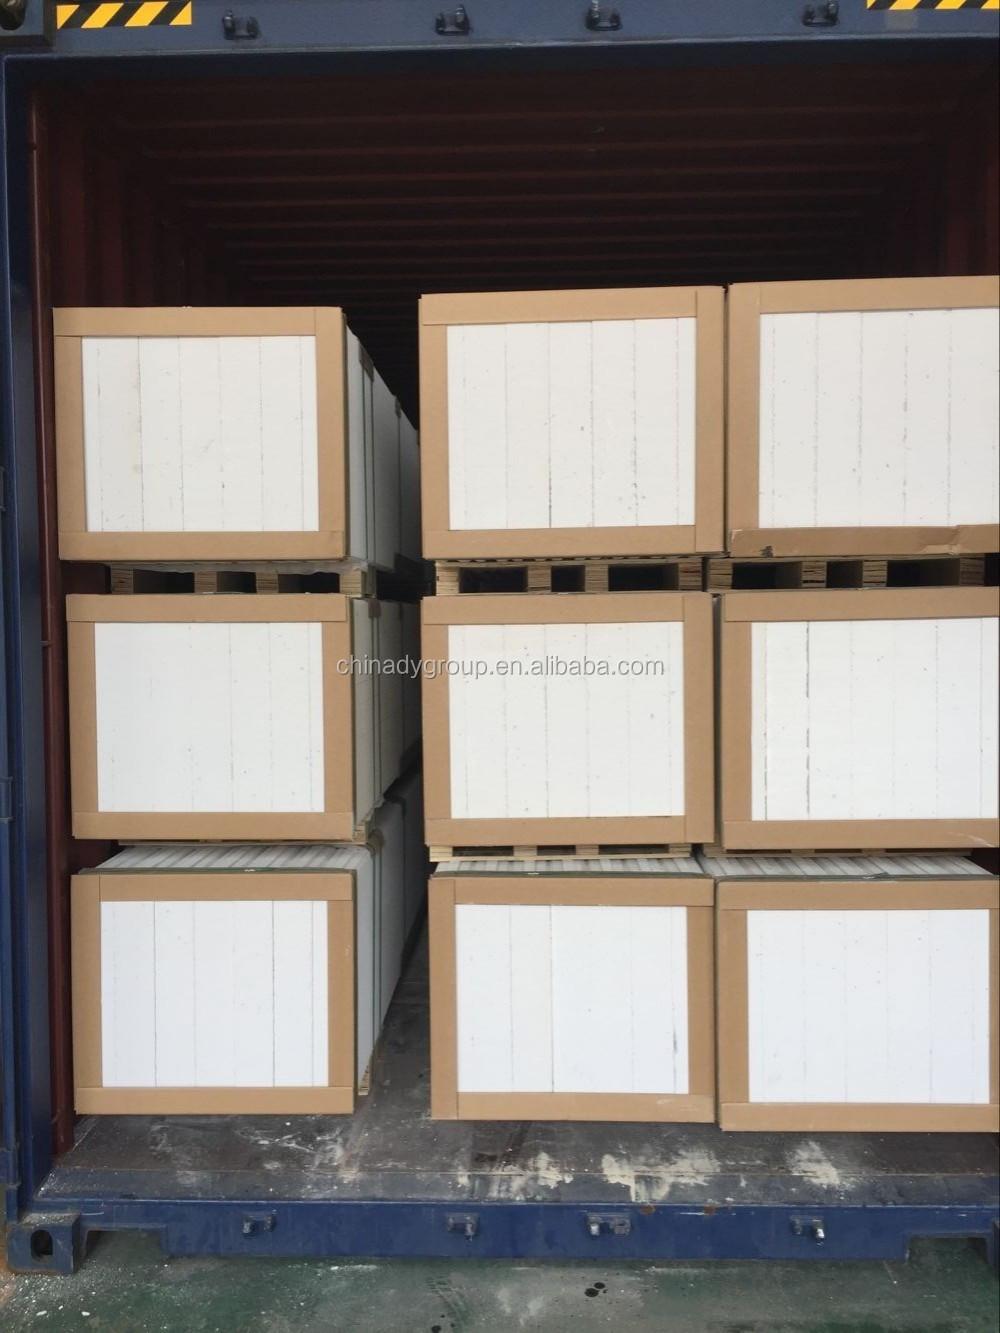 Great bton cellulaire autoclav manufacter panneau with for Meubles japonais montpellier